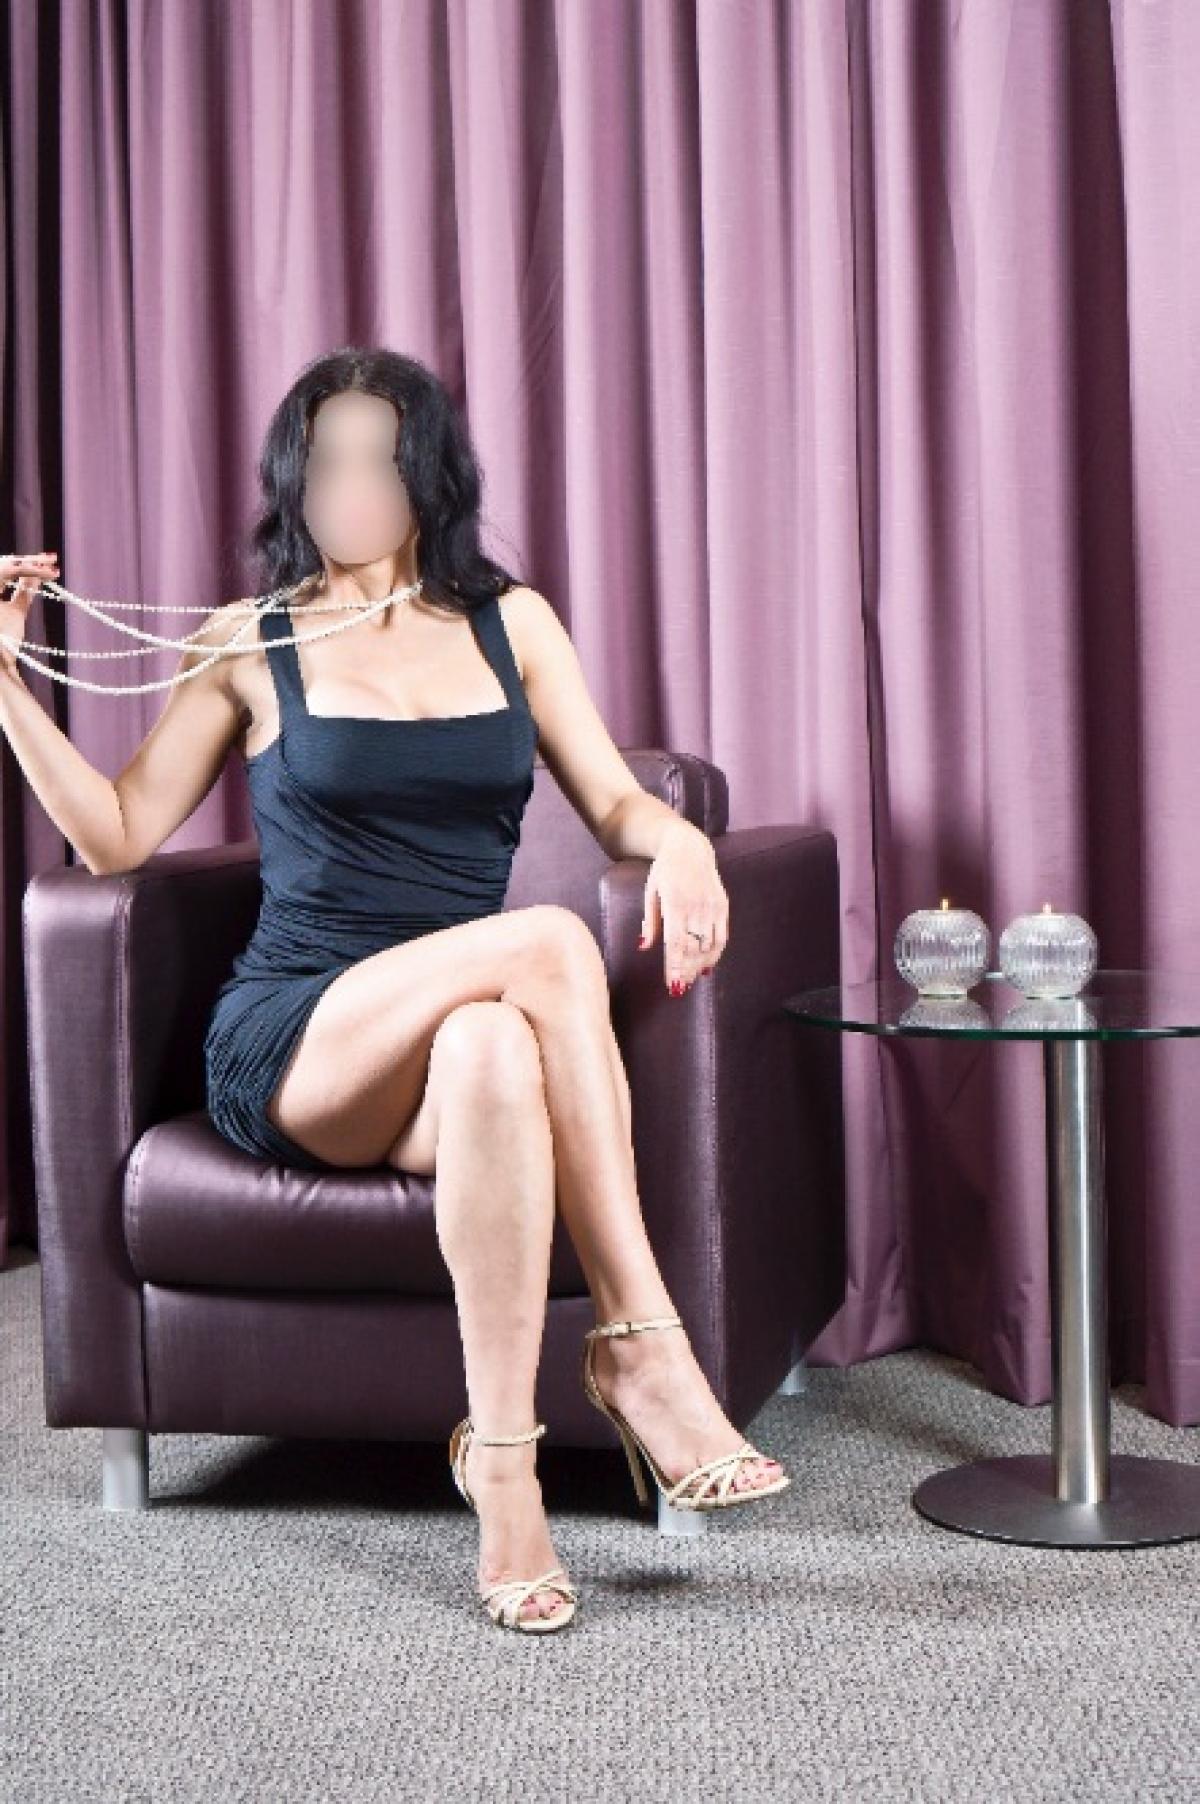 erotische massage vlaardingen high class escort worden